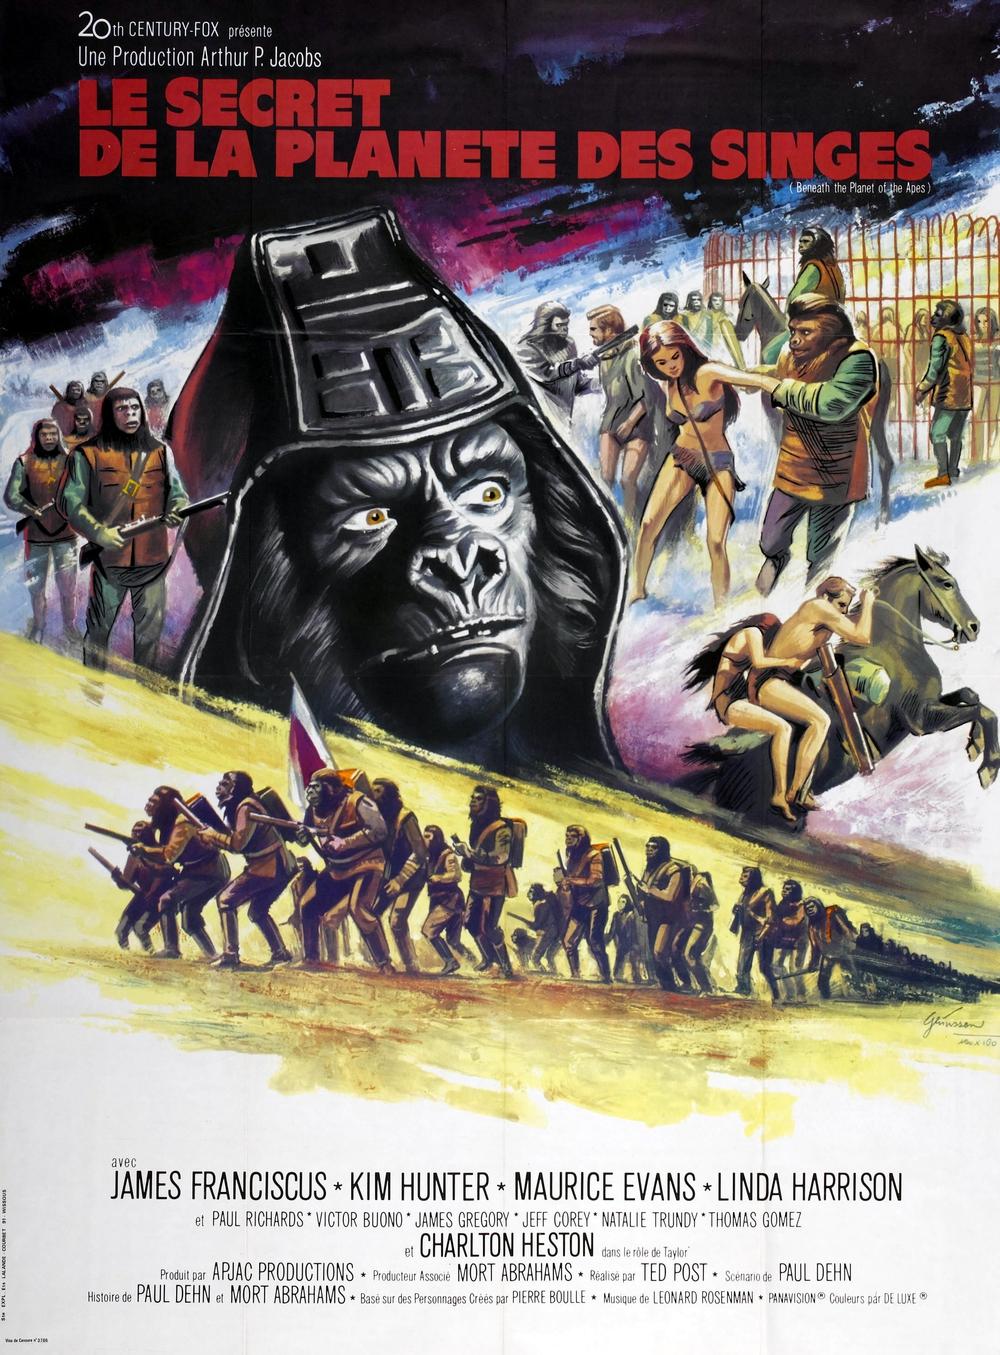 affiche du film Le secret de la planète des singes